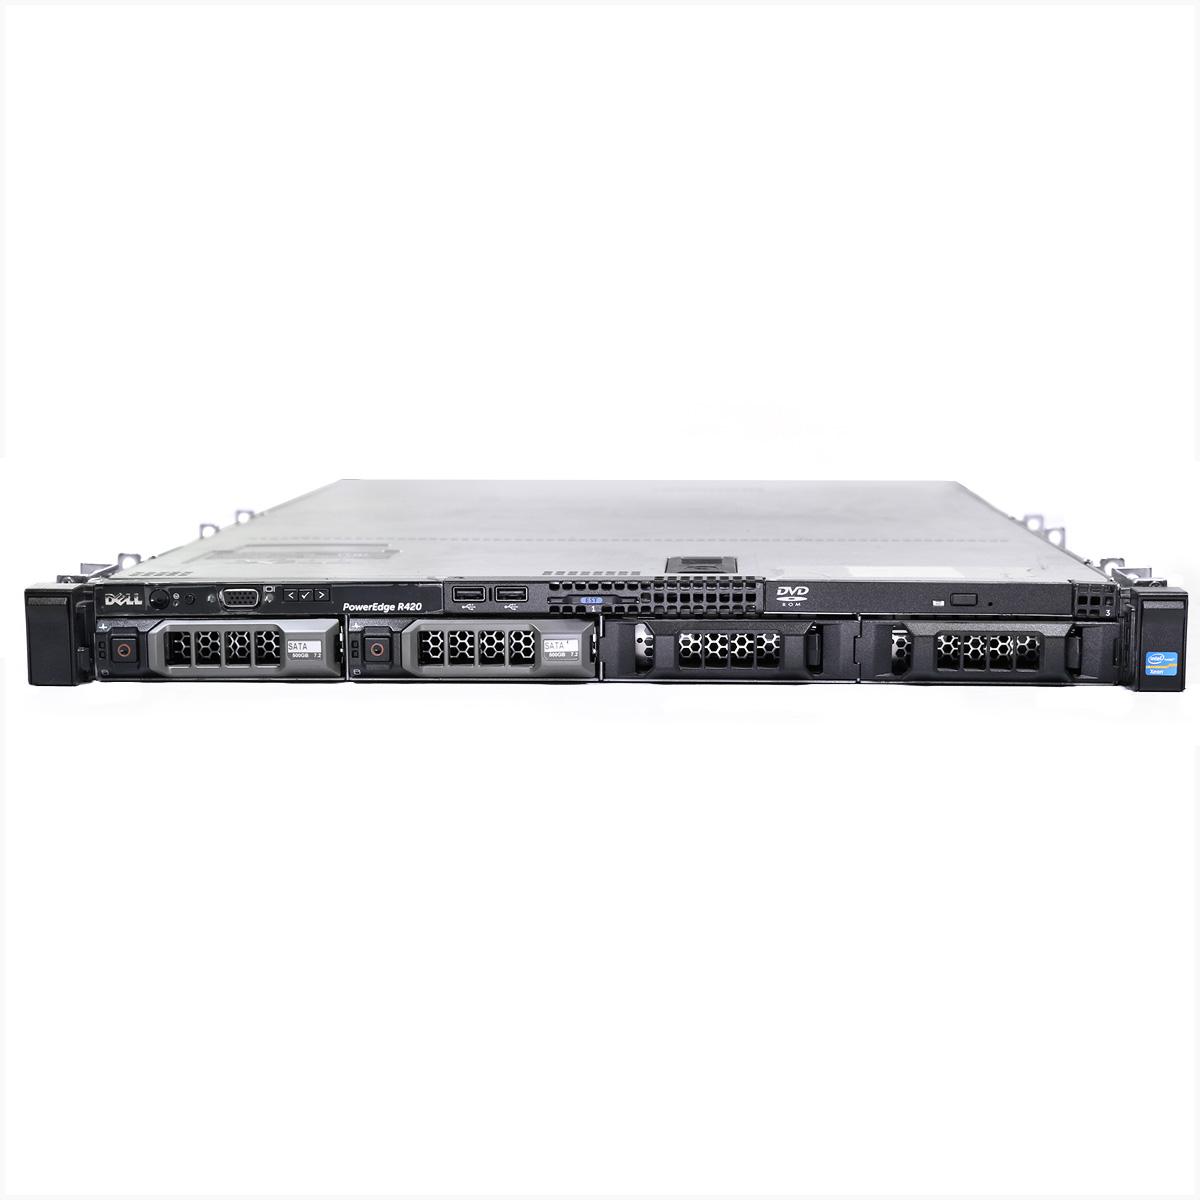 Servidor dell r420 xeon e5-2407 128gb 2x 1tb - usado